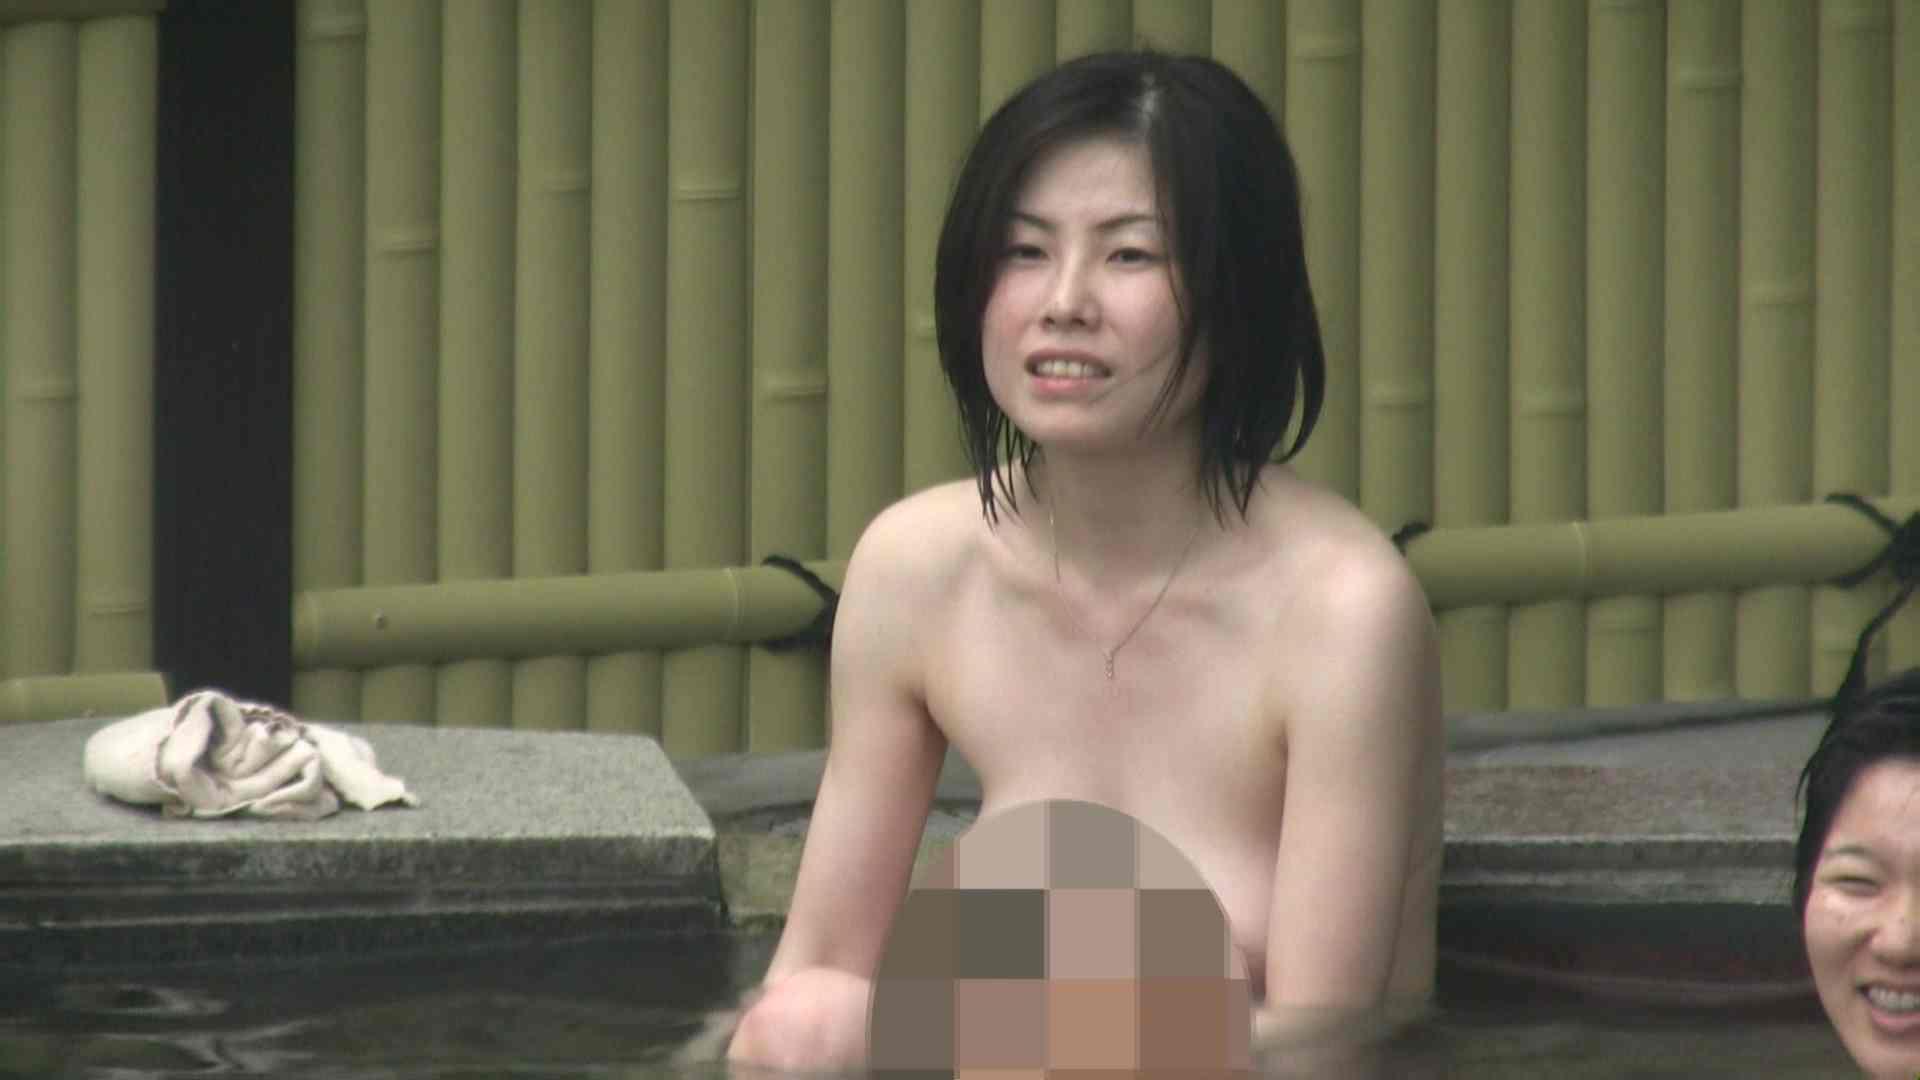 高画質露天女風呂観察 vol.035 OL  95pic 95